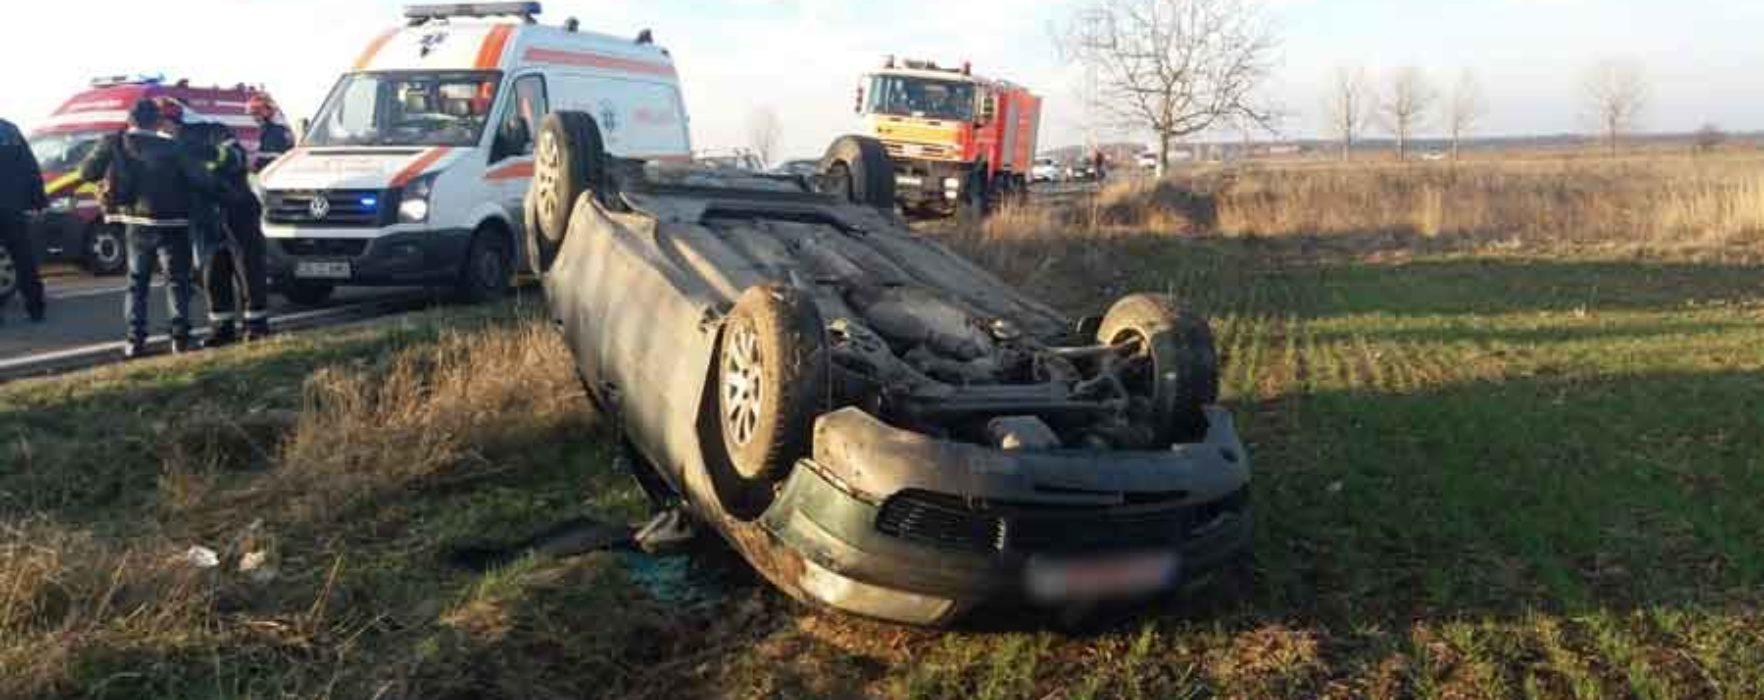 Dâmboviţa: Maşină răsturnată în afara părţii carosabile pe DN 71 Târgovişte-Bucureşti